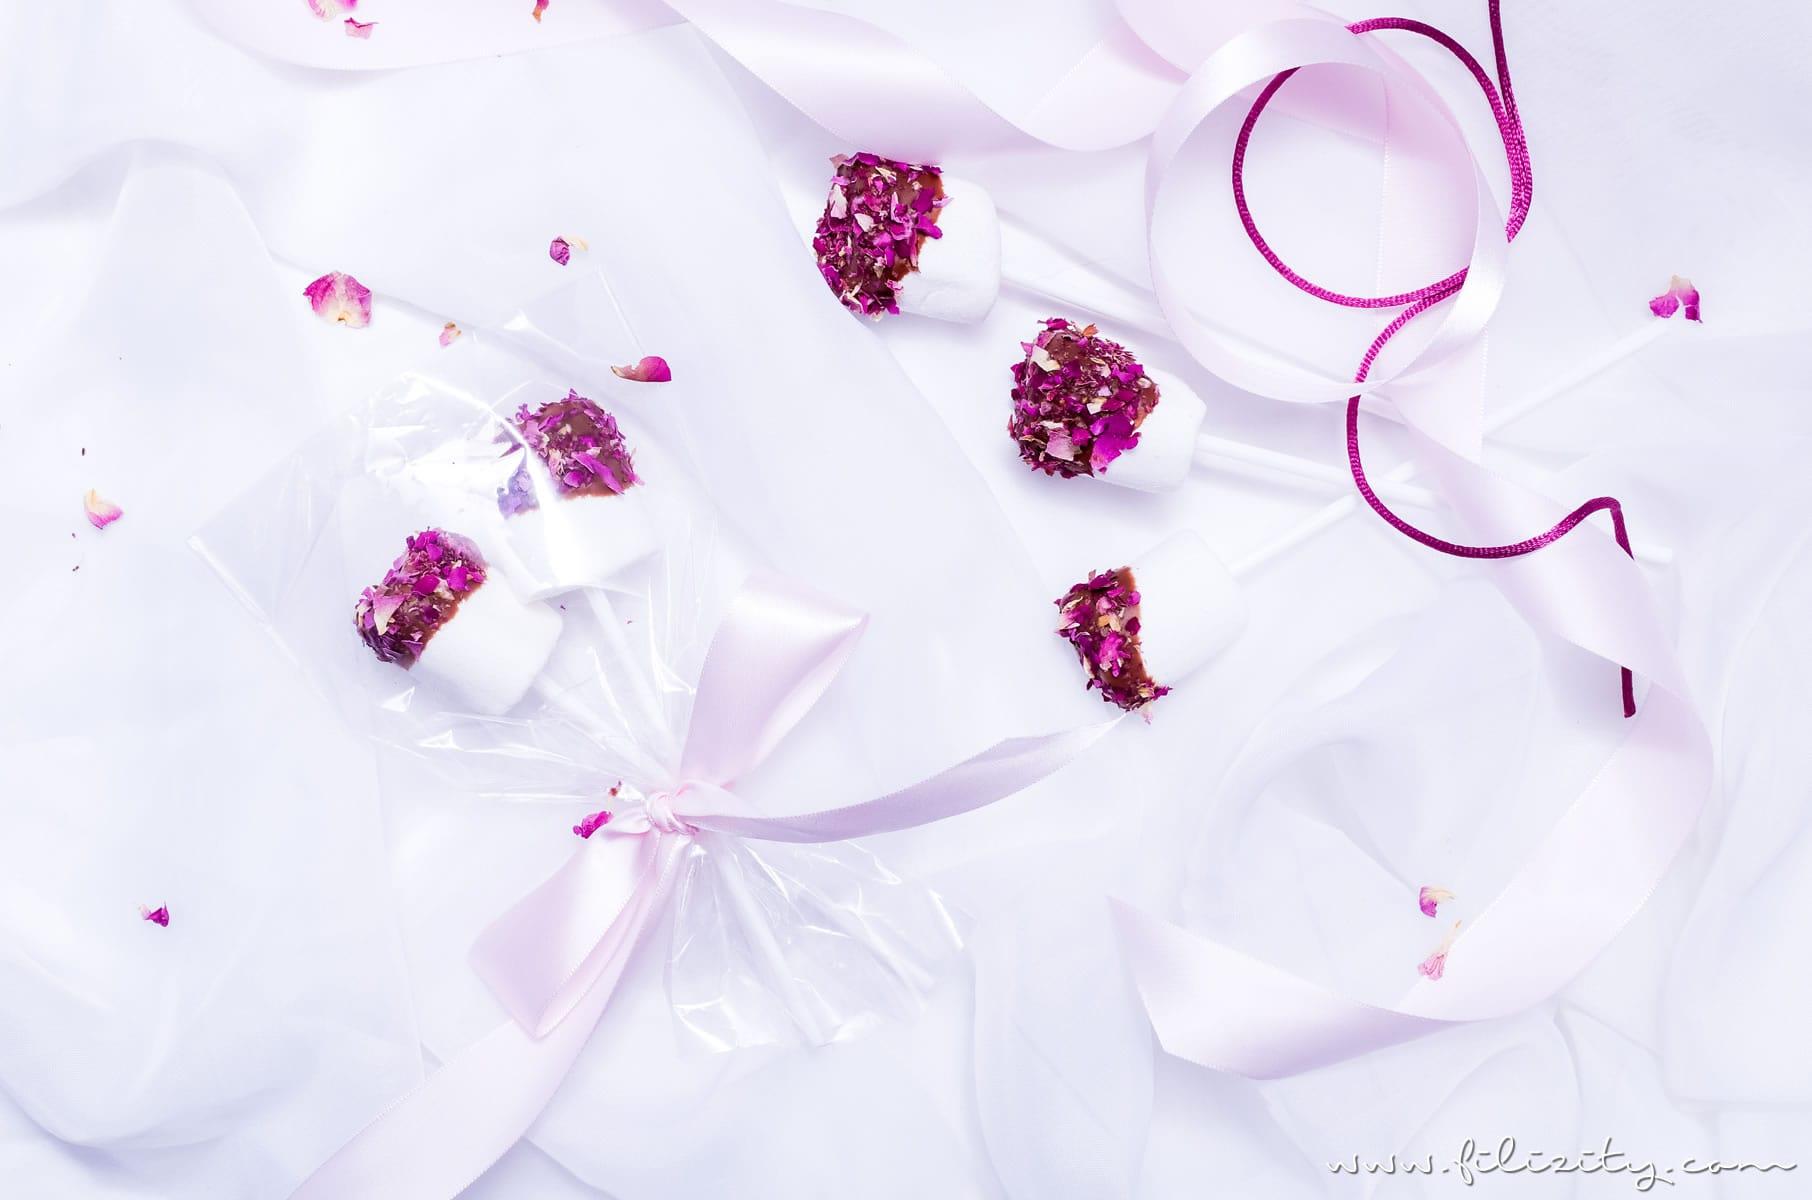 Schnelles Rezept für Marshmallow Pops mit Rosen | Last Minute DIY Geschenkidee für Valentinstag | Filizity.com | Food-Blog aus dem Rheinland #valentinstag #geschenkidee